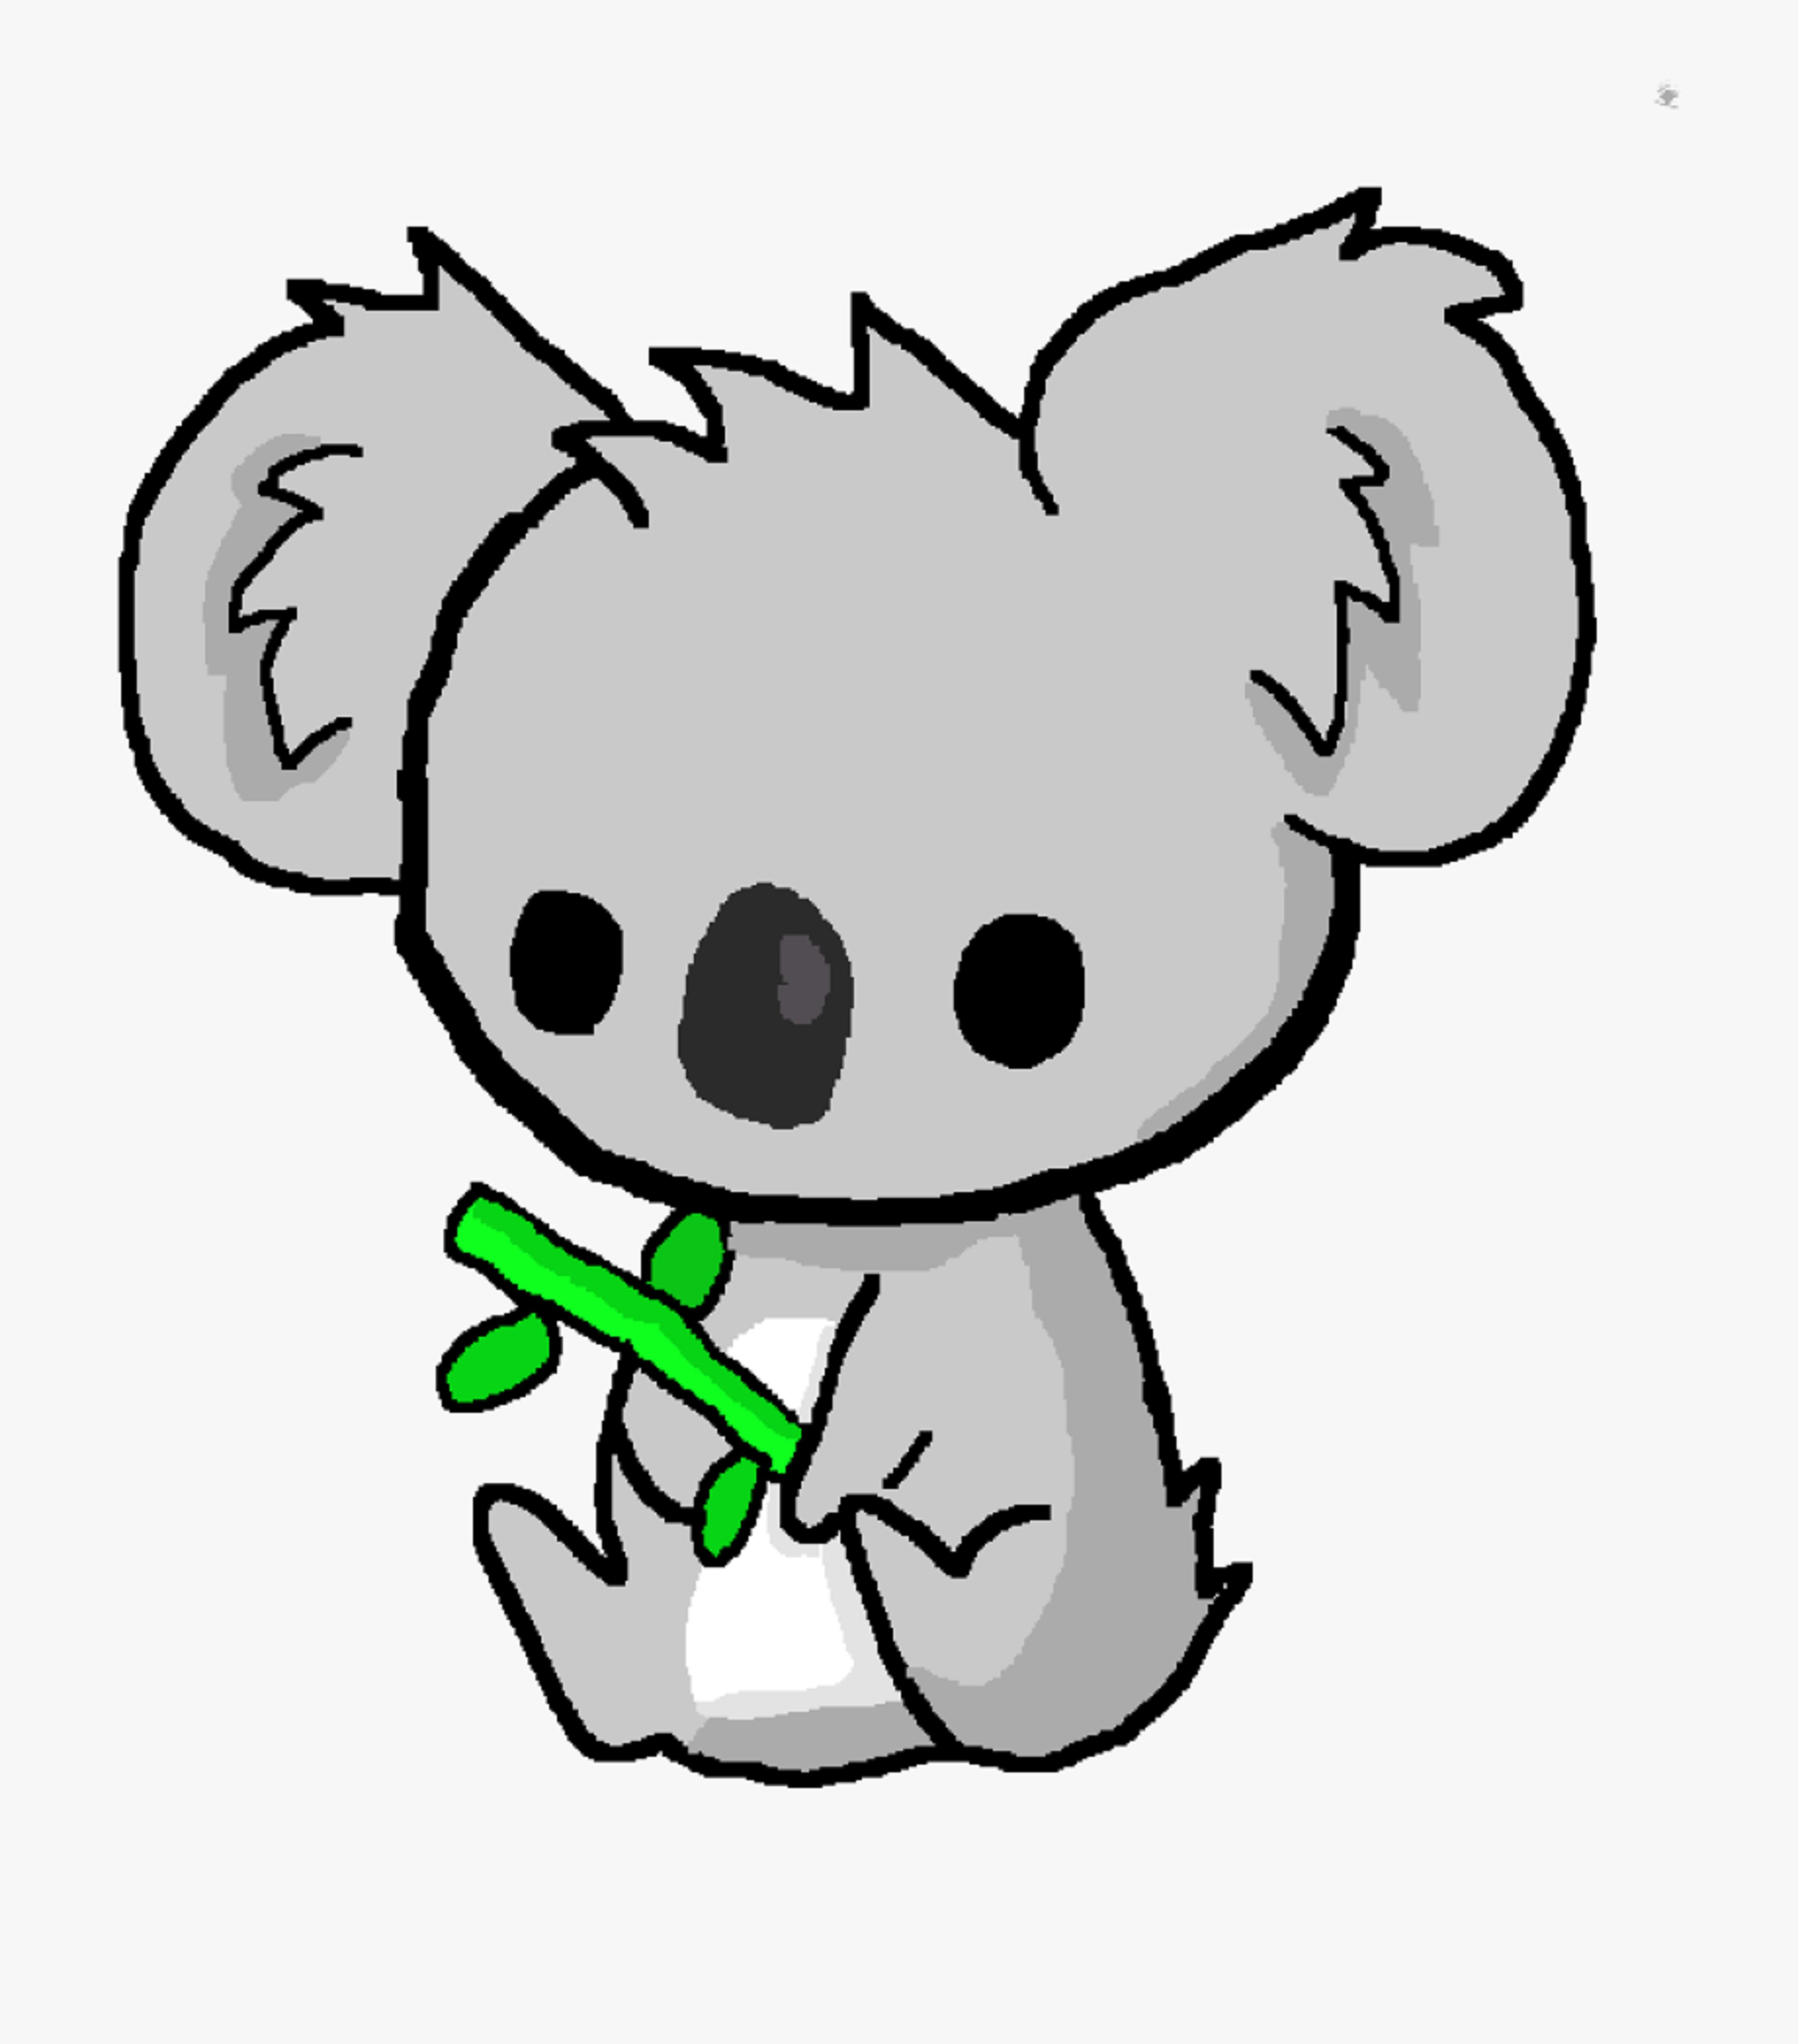 Cute Koala Koala Drawing Cute Animal Drawings Kawaii Cute Cartoon Wallpapers